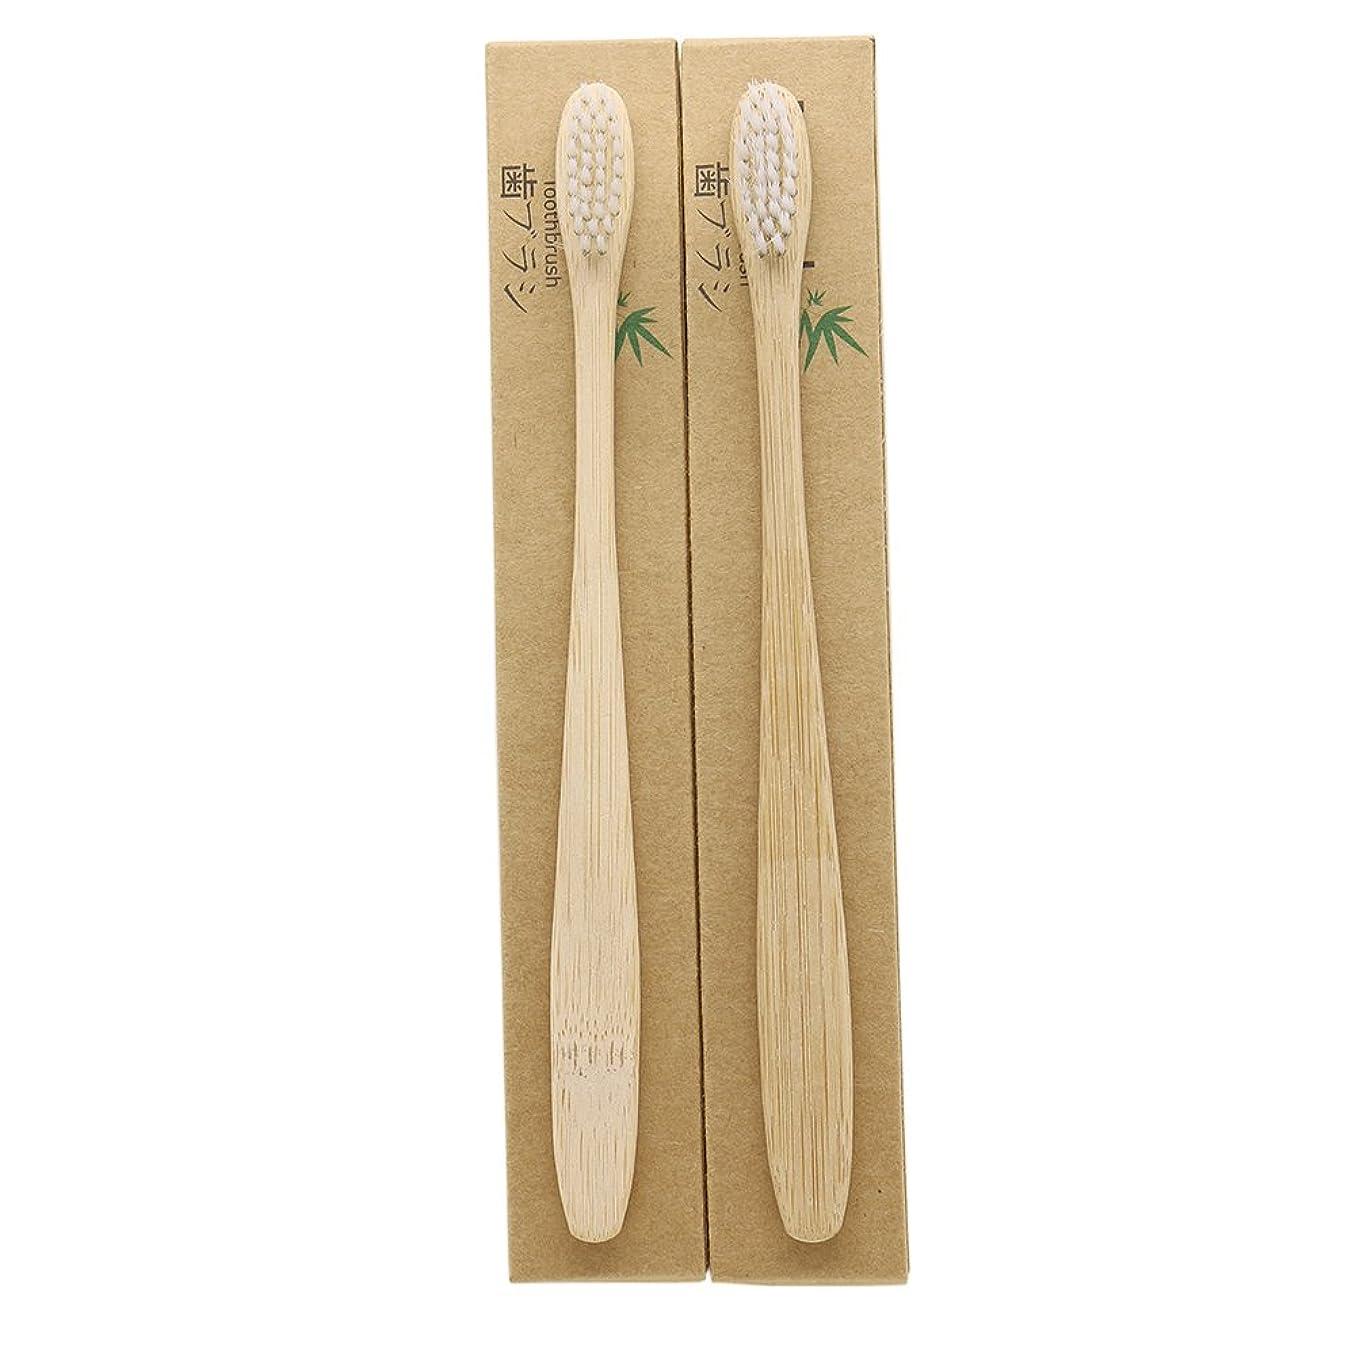 旋律的ファランクス直接N-amboo 竹製耐久度高い 歯ブラシ 2本入り セット エコ ヘッド小さい 白い